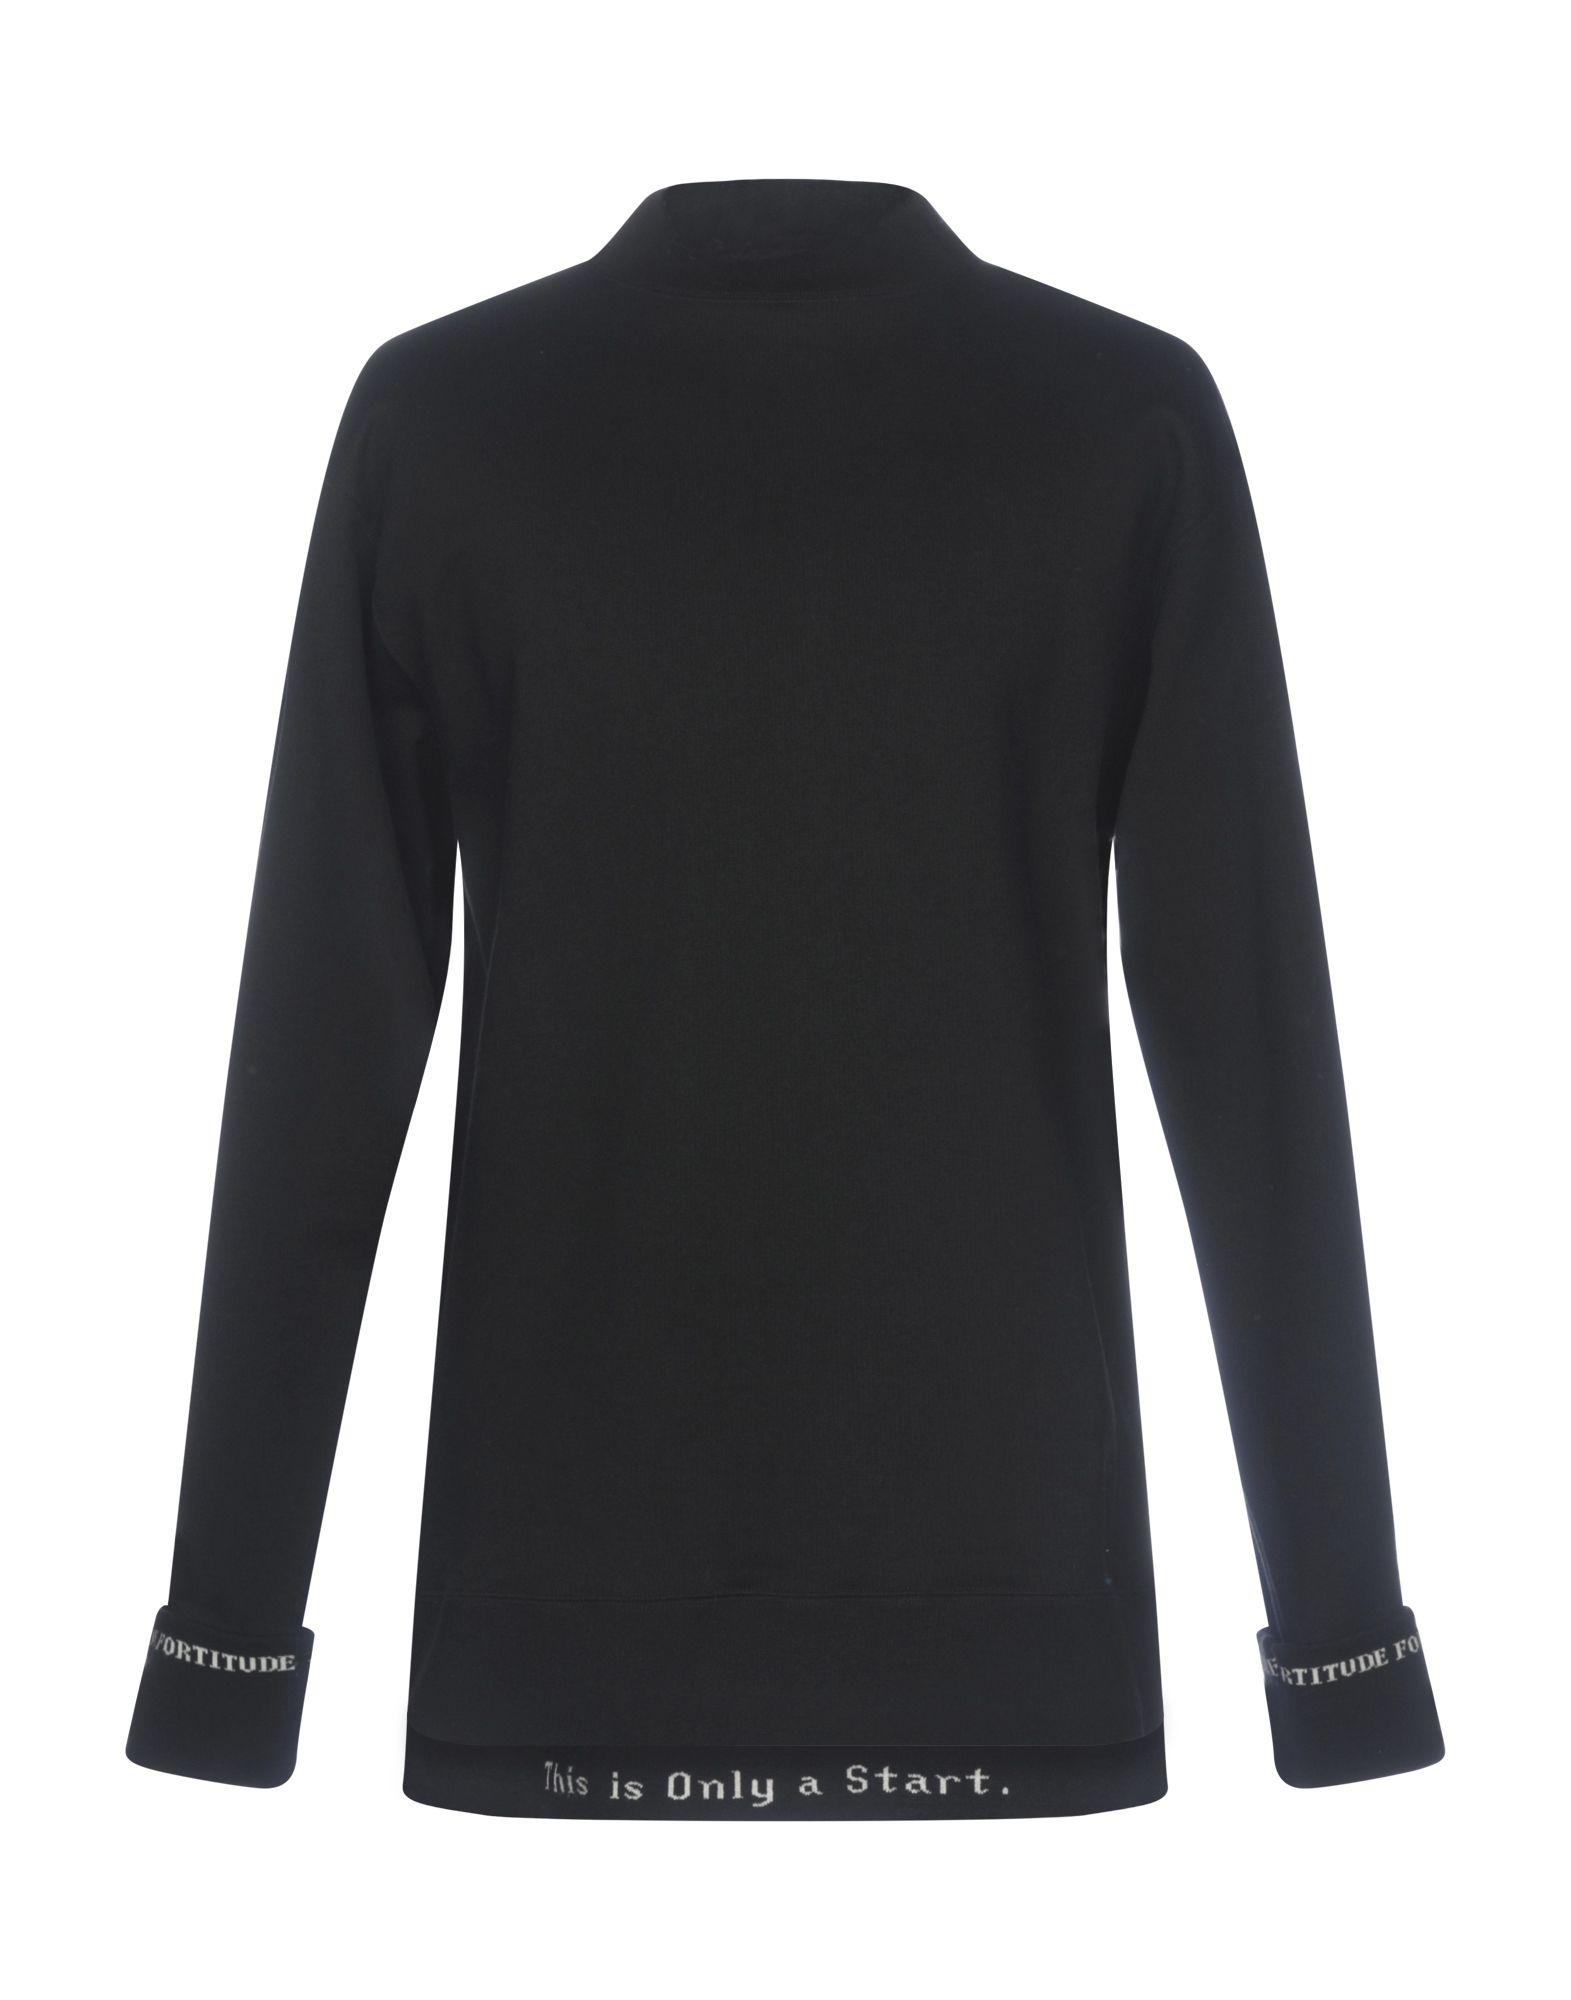 MIHARA YASUHIRO Sweatshirt in Black